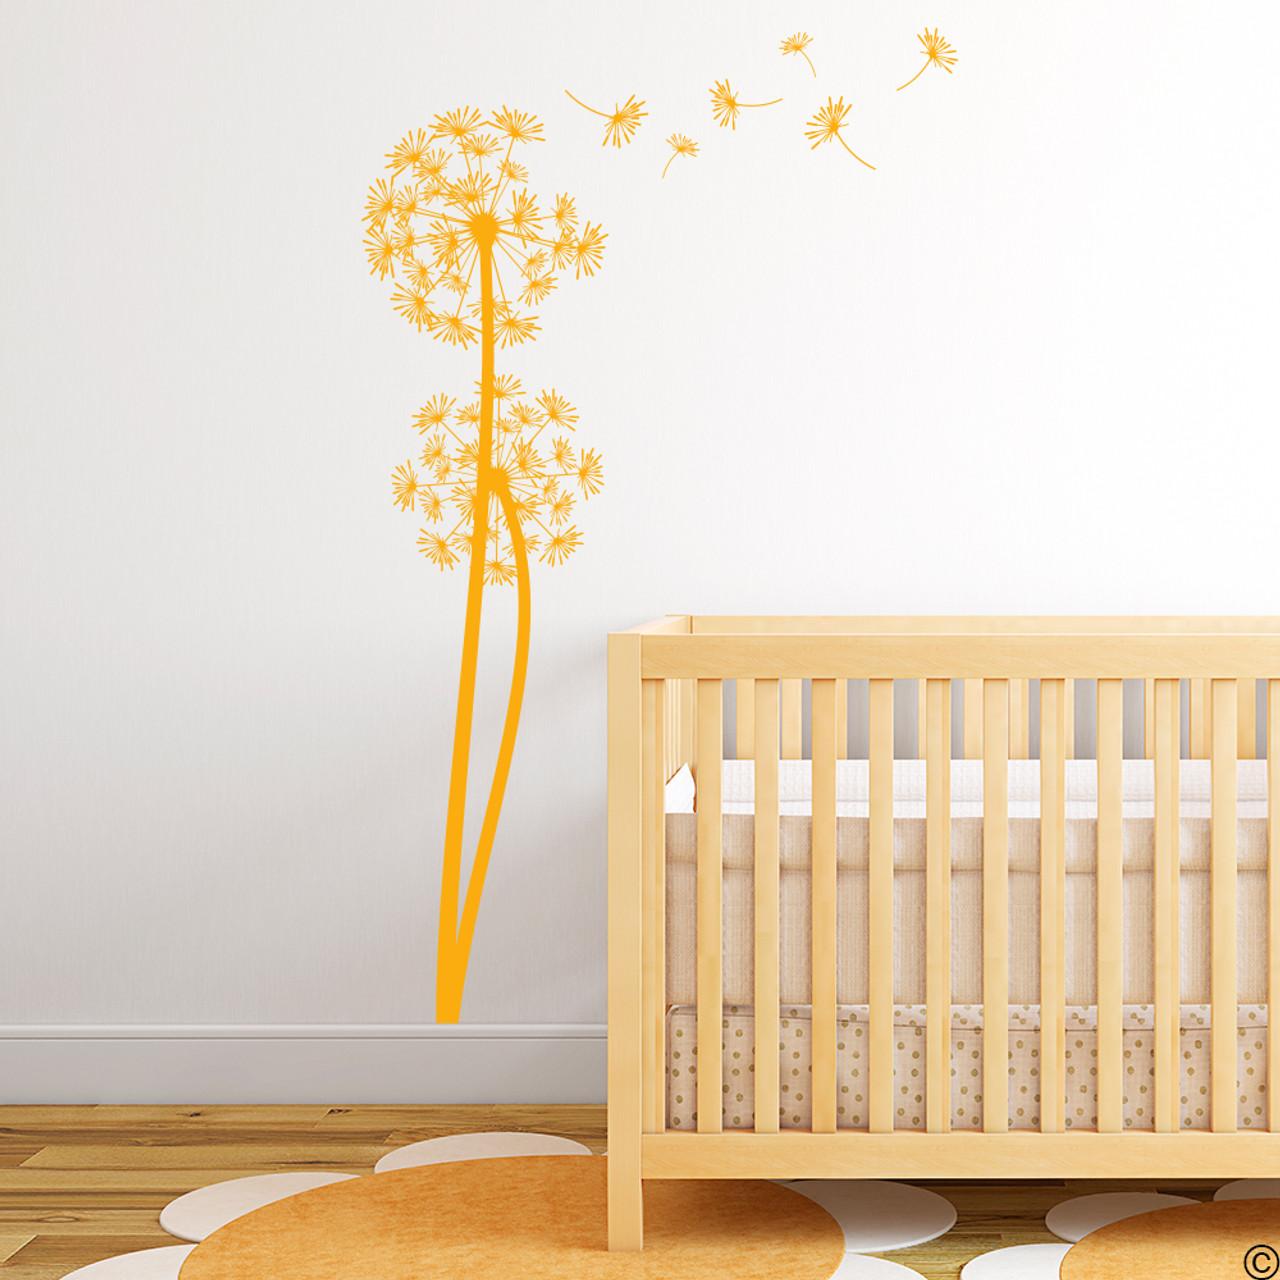 The Olsen twin Dandelion wall decals in golden yellow